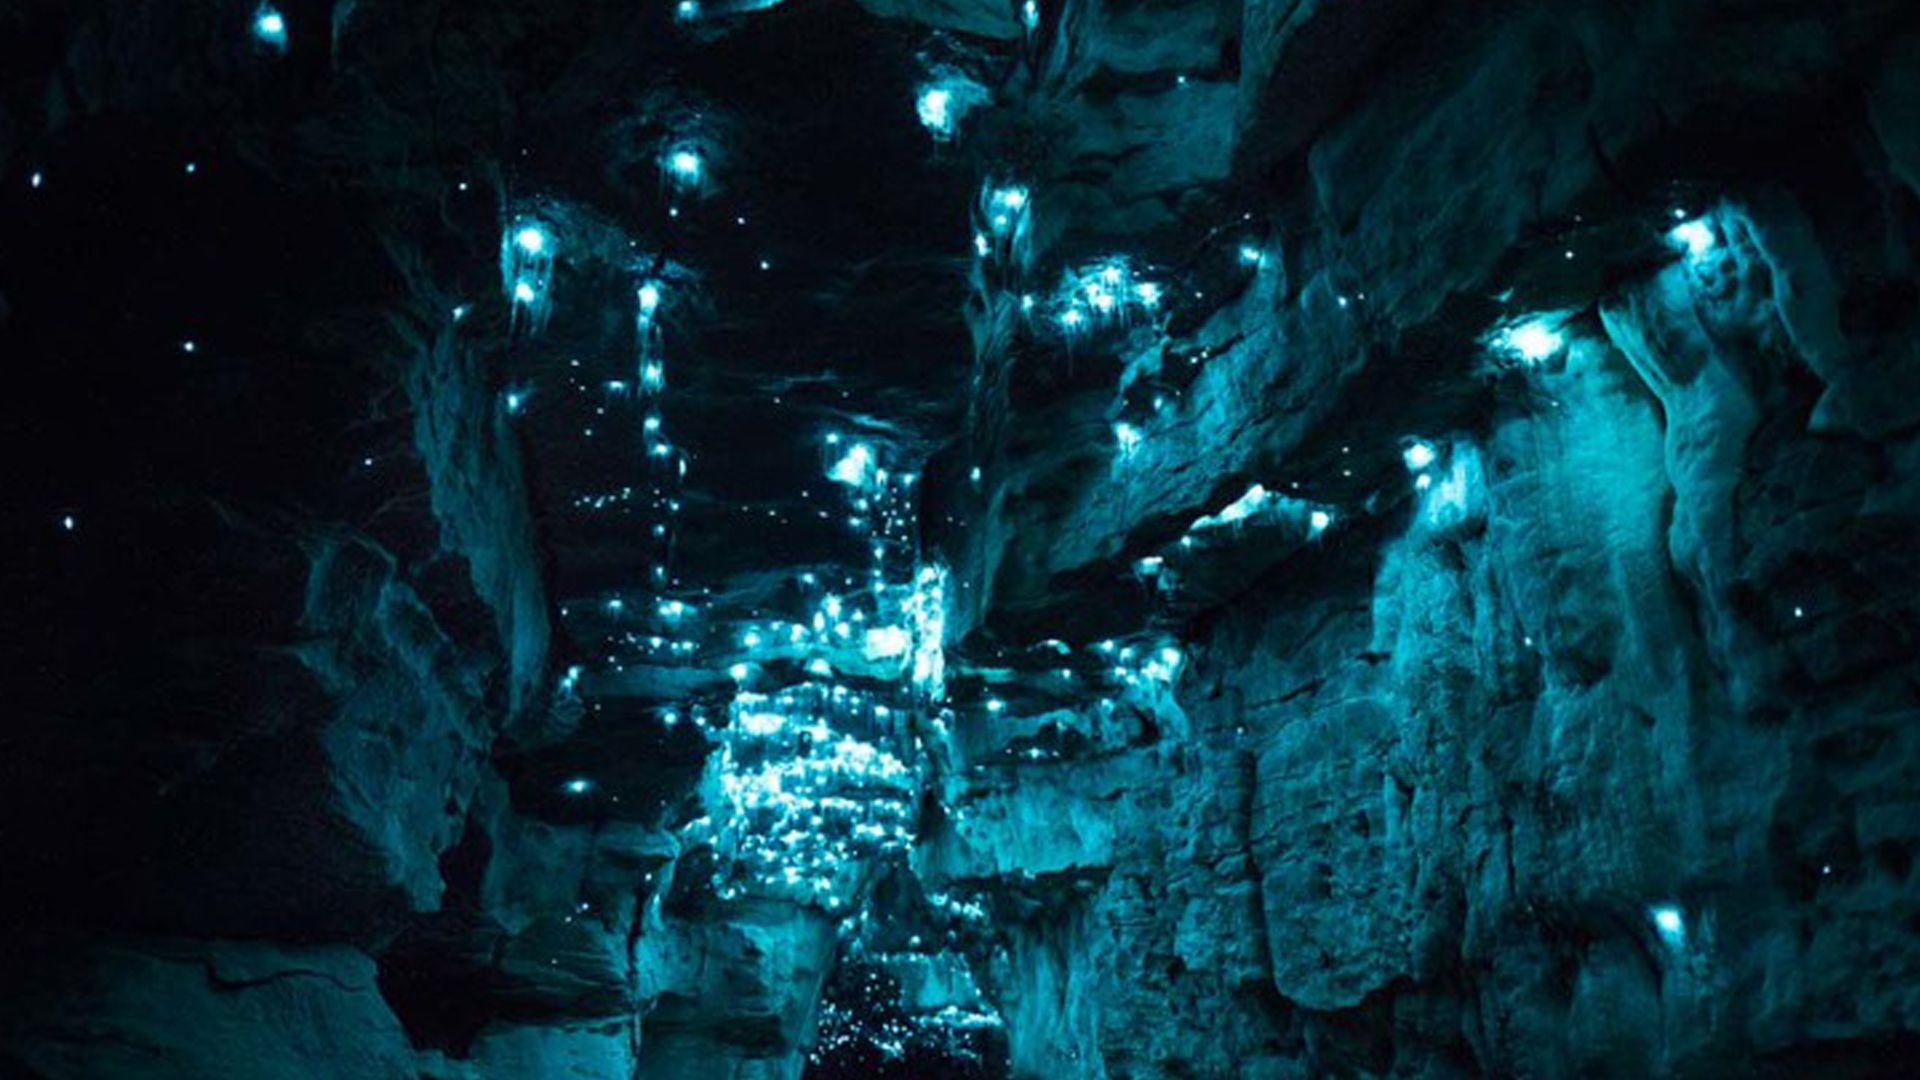 Vermes luminosos ocupam caverna da Nova Zelândia | Curiosidades do ...